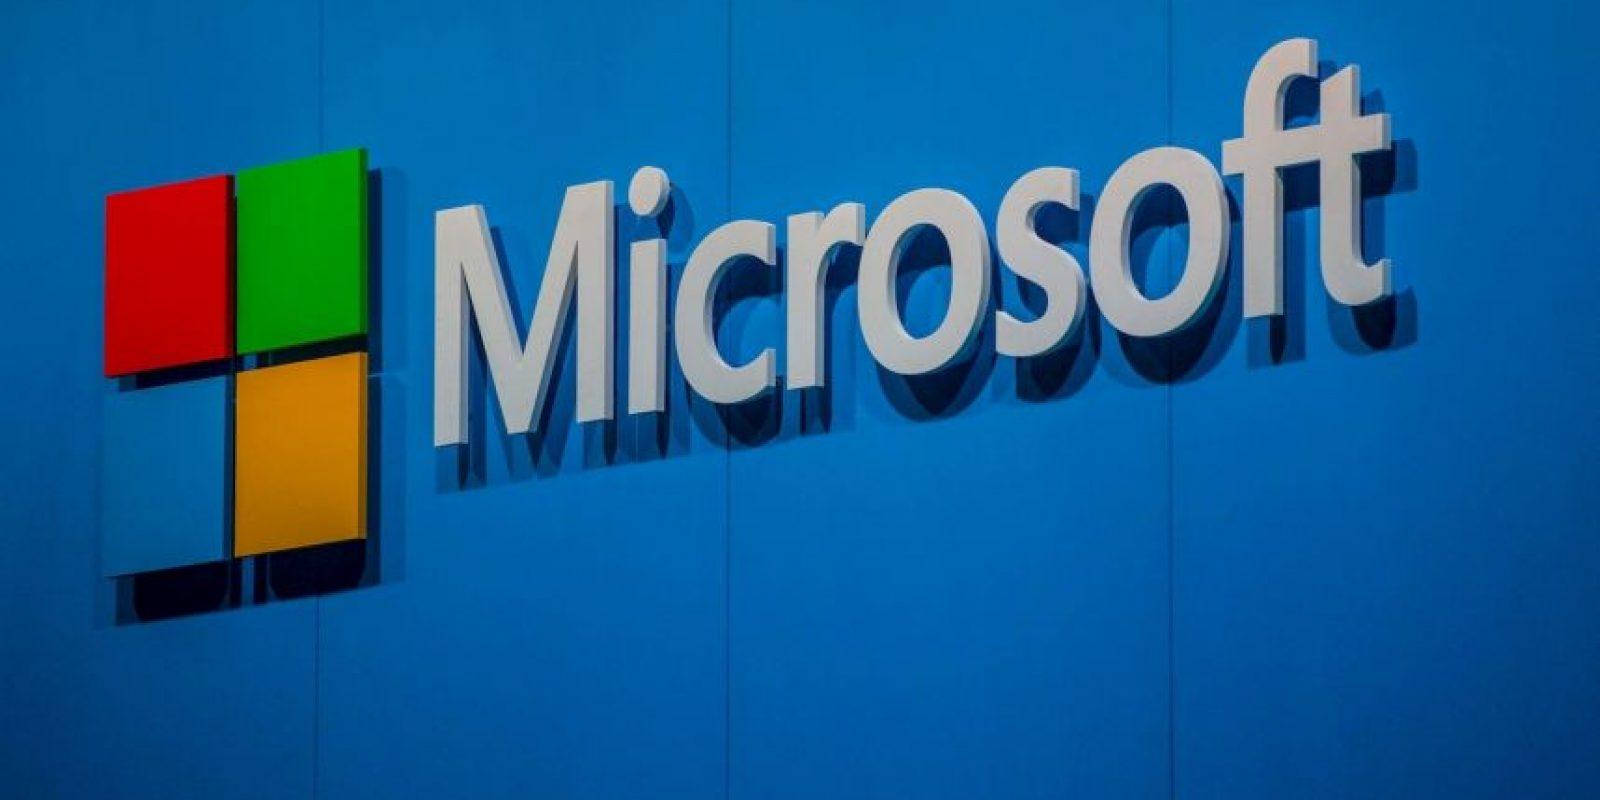 """Microsoft anunció dos grandes bombas en la """"Gamecom 2015"""" (evento para profesionales y fanáticos de los videojuegos) Foto:Getty Images"""